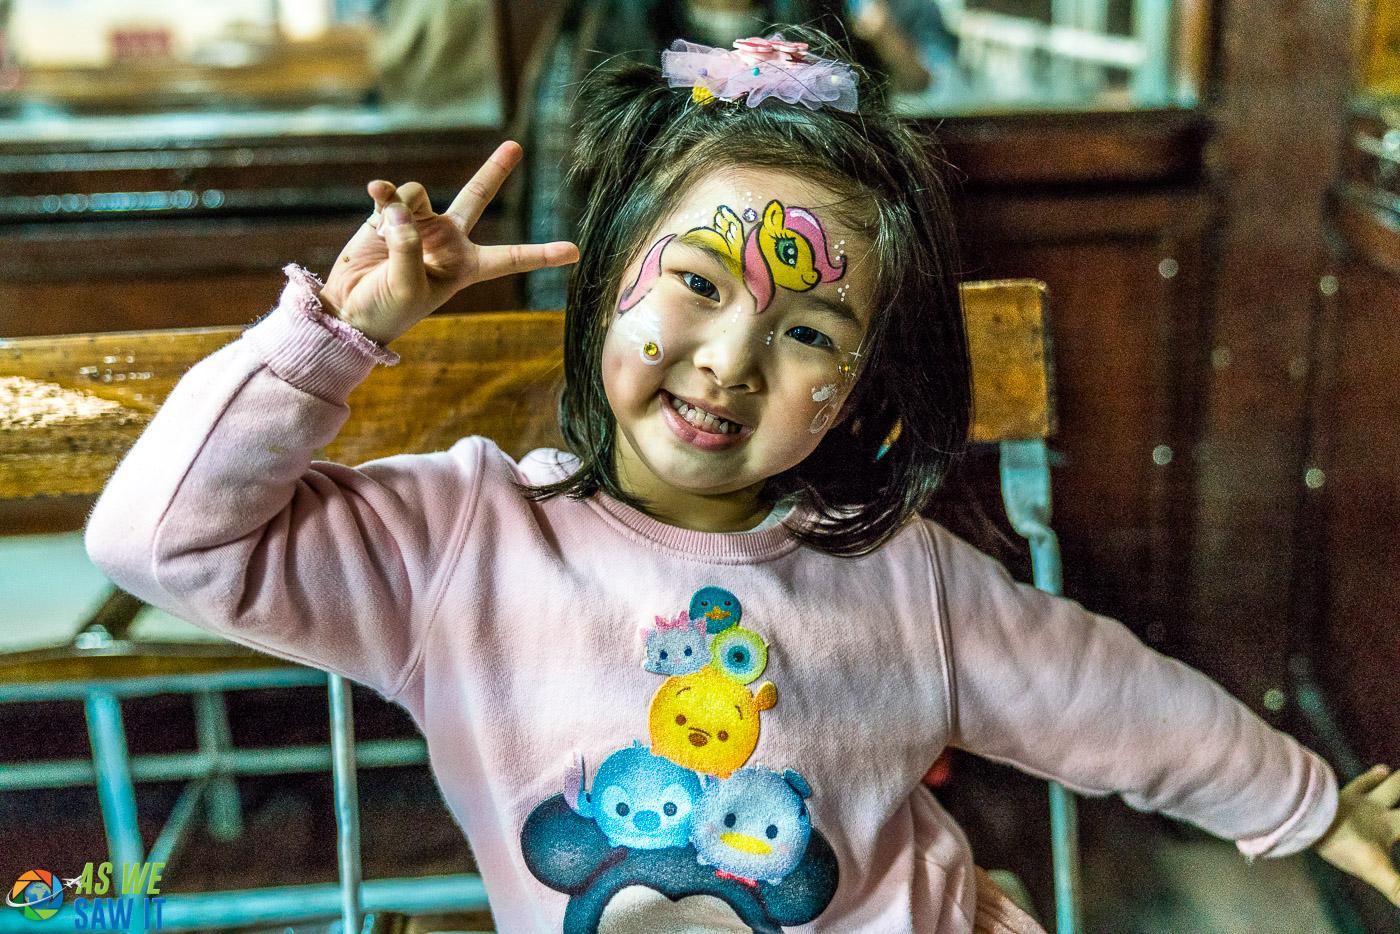 face painting hong kong style